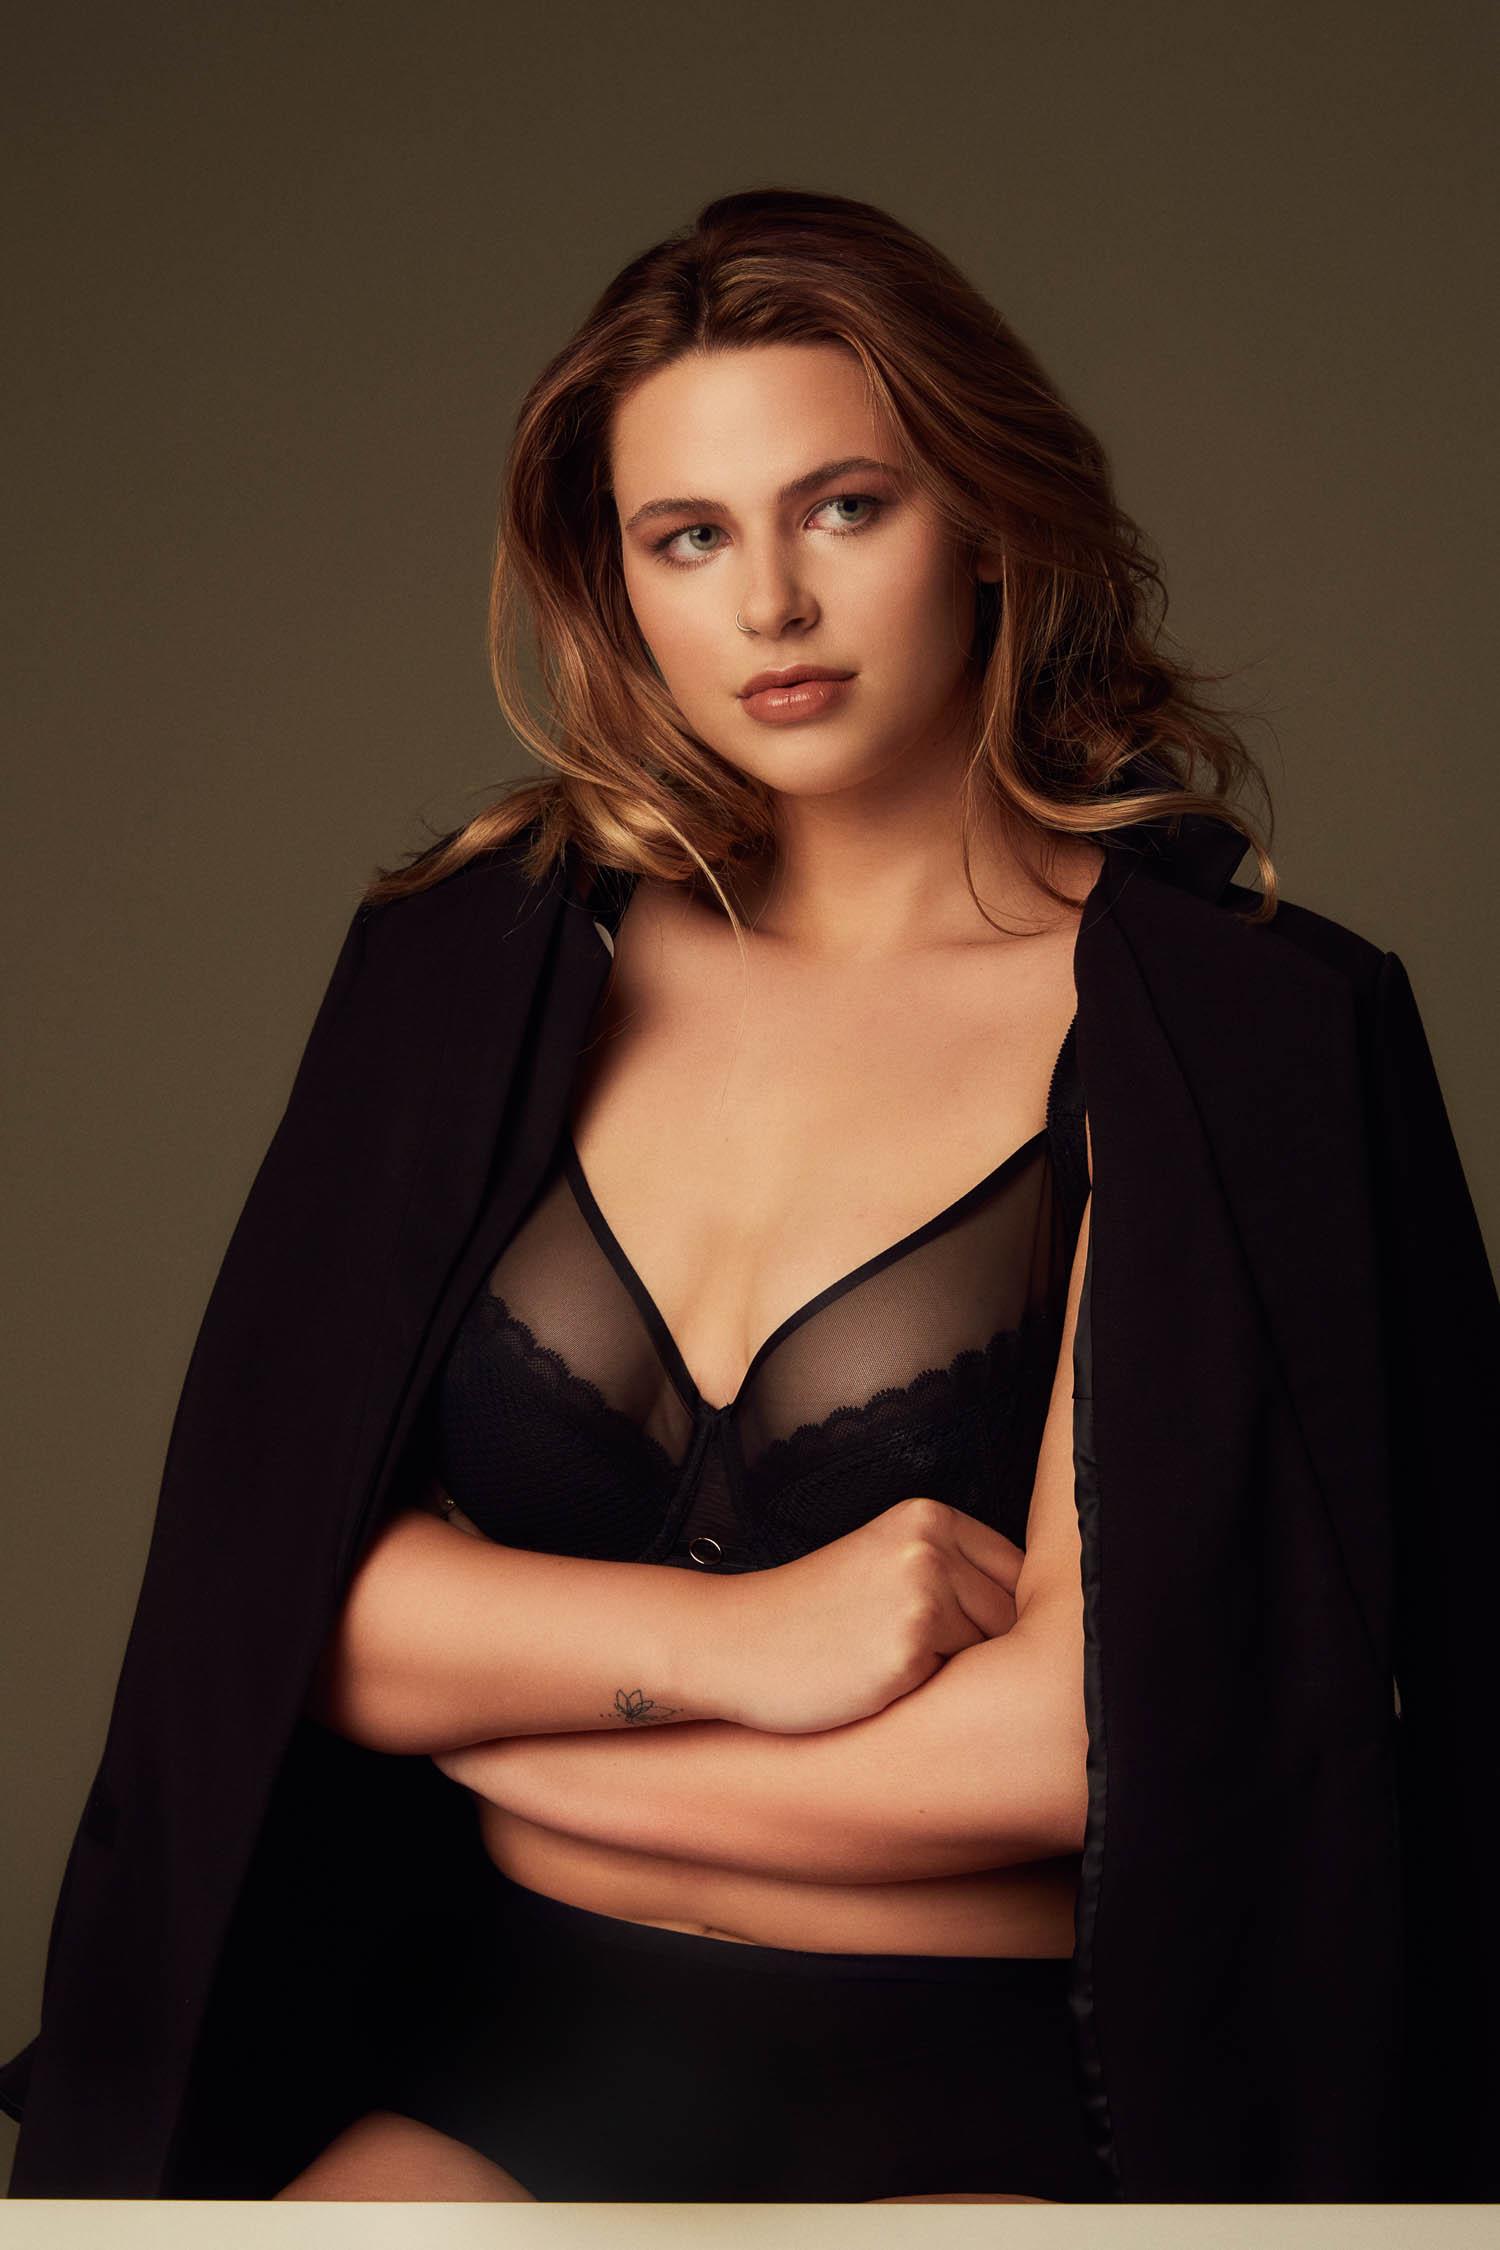 Curve model wearing a black bra set for model test